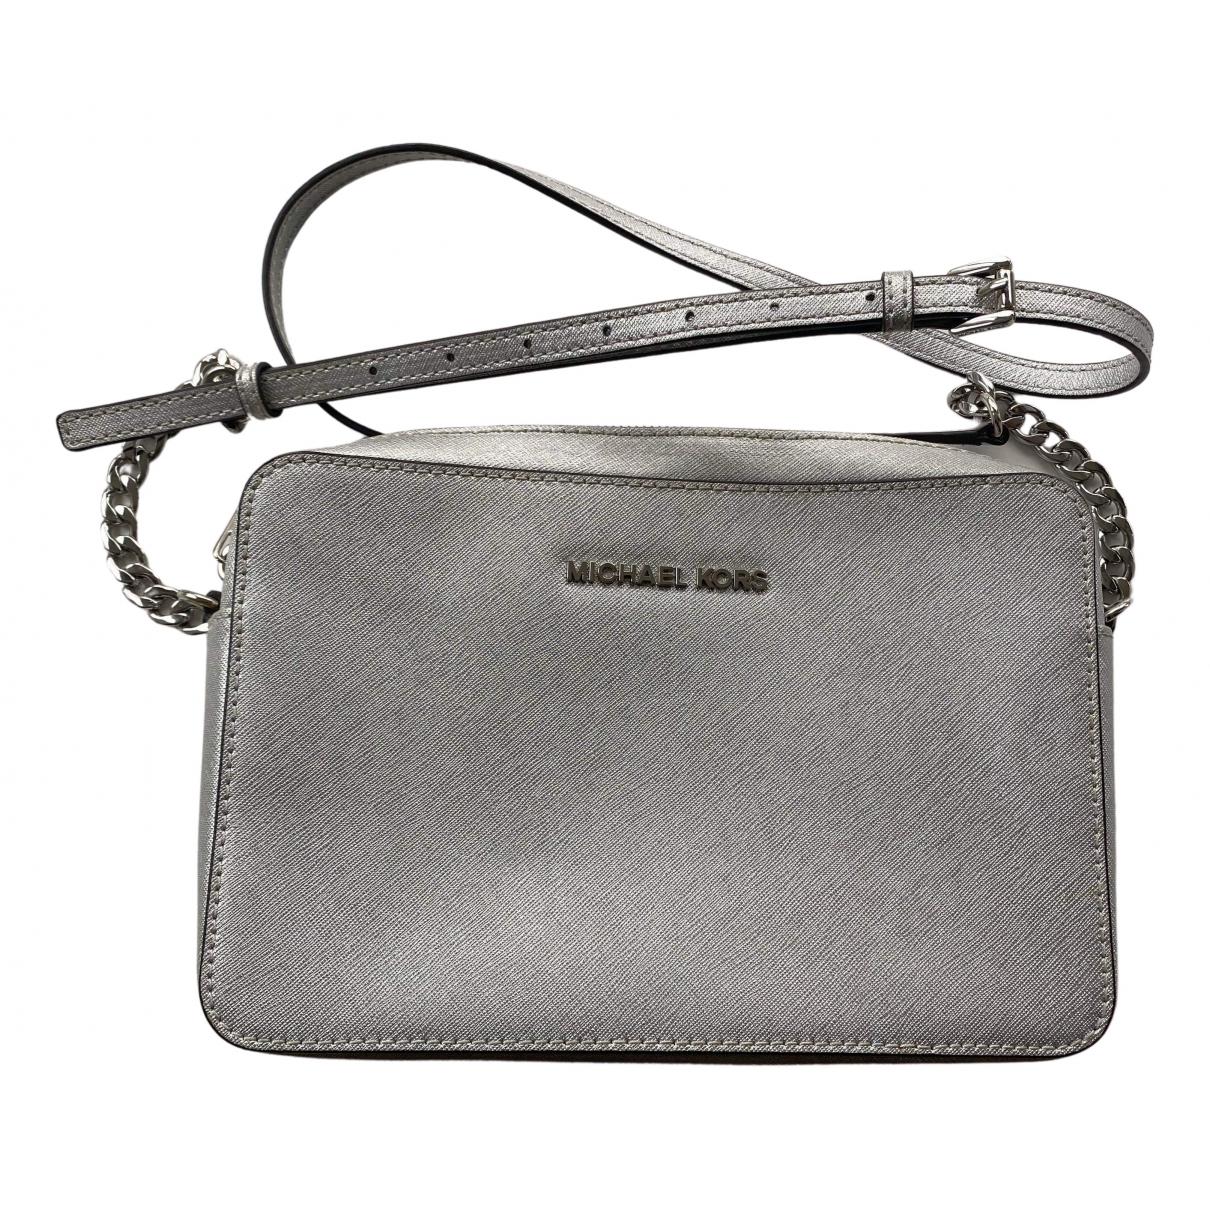 Michael Kors Jet Set Handtasche in  Silber Leder